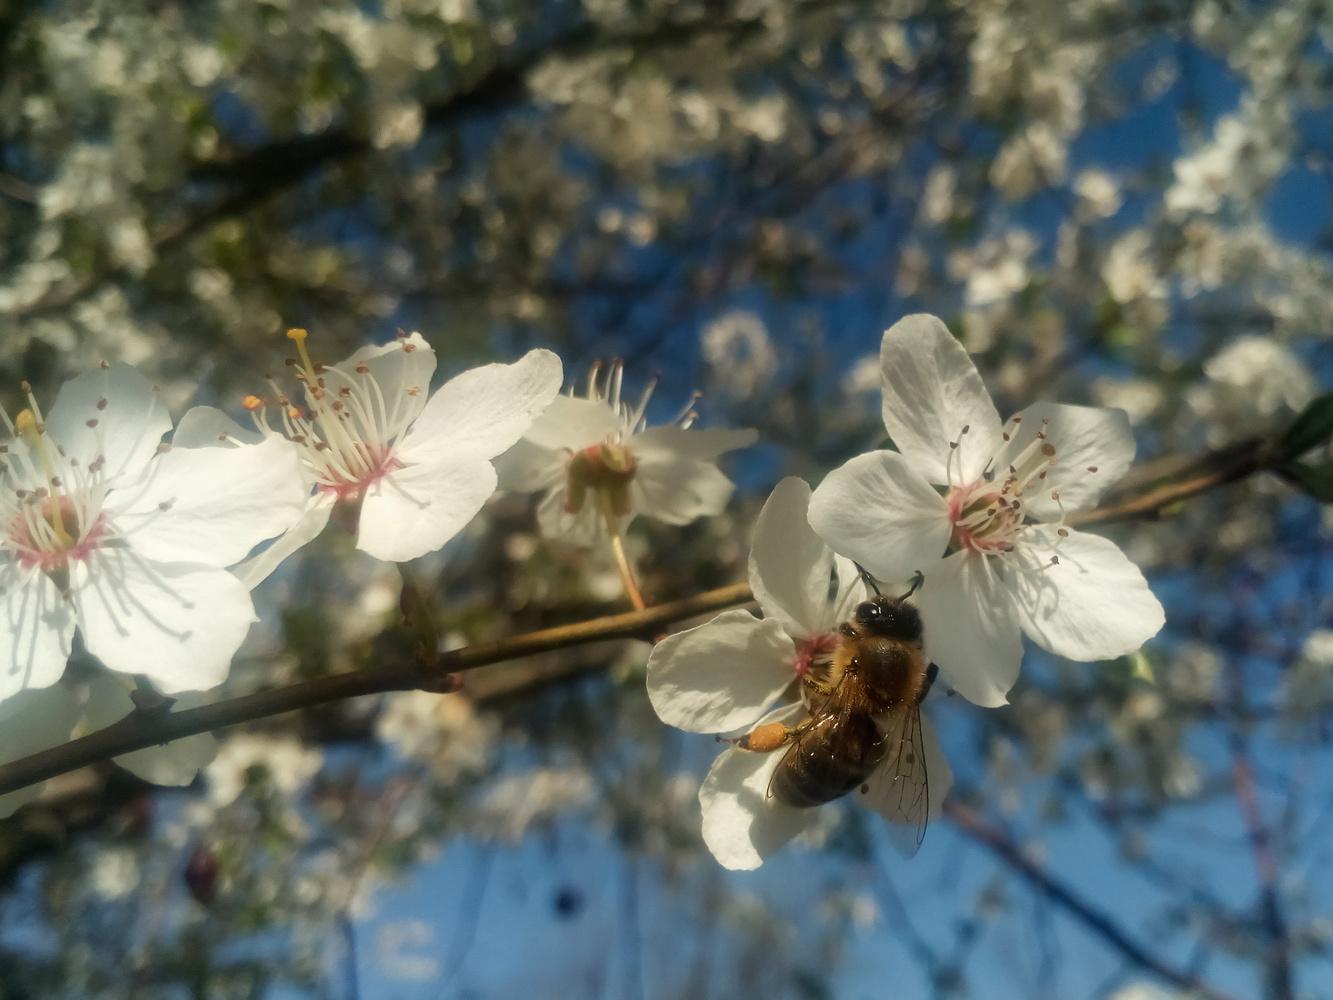 Bee on flower by Dijana Kr